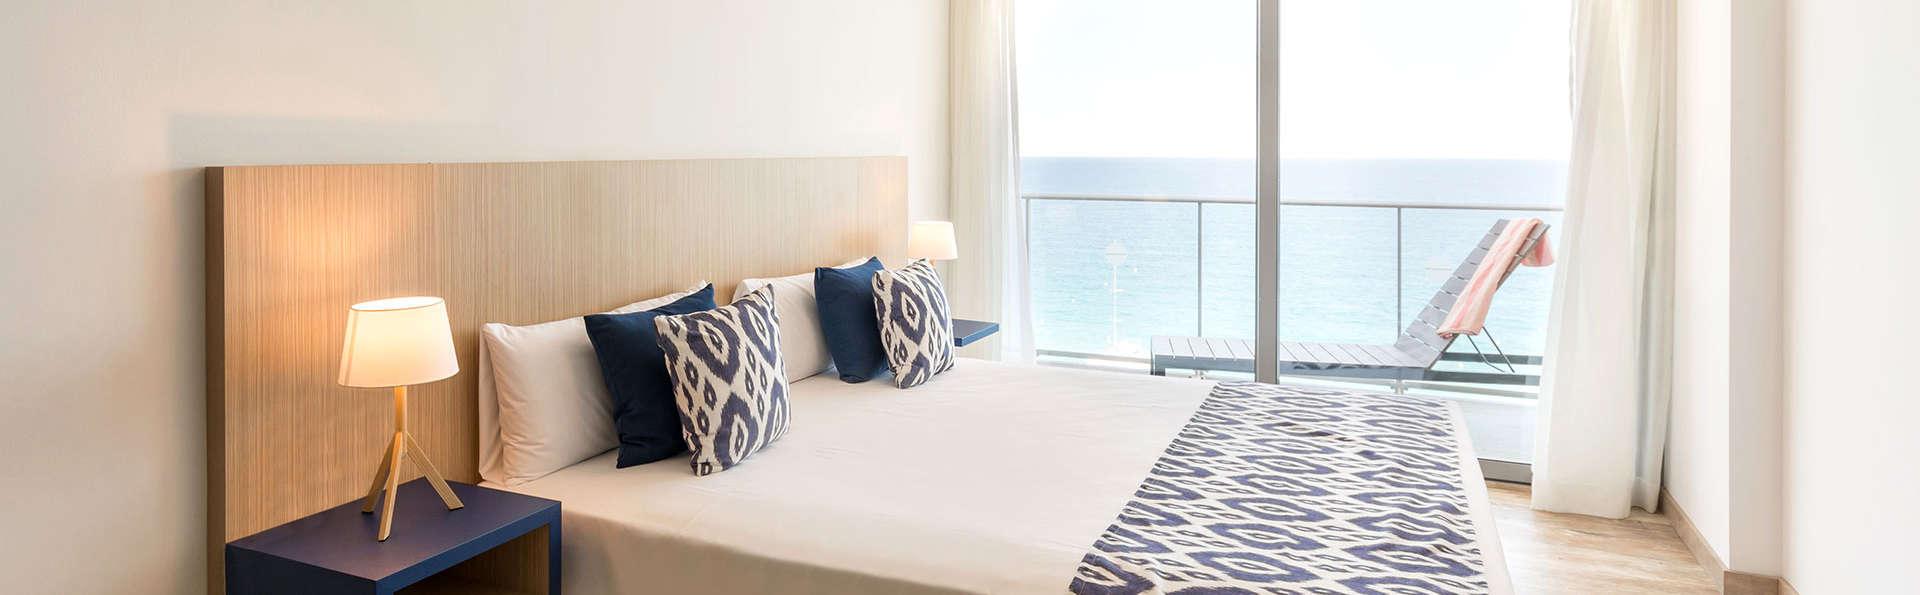 Visitez Blanes en Catalogne, dans un hôtel en bord de mer (à partir de 2 nuits)